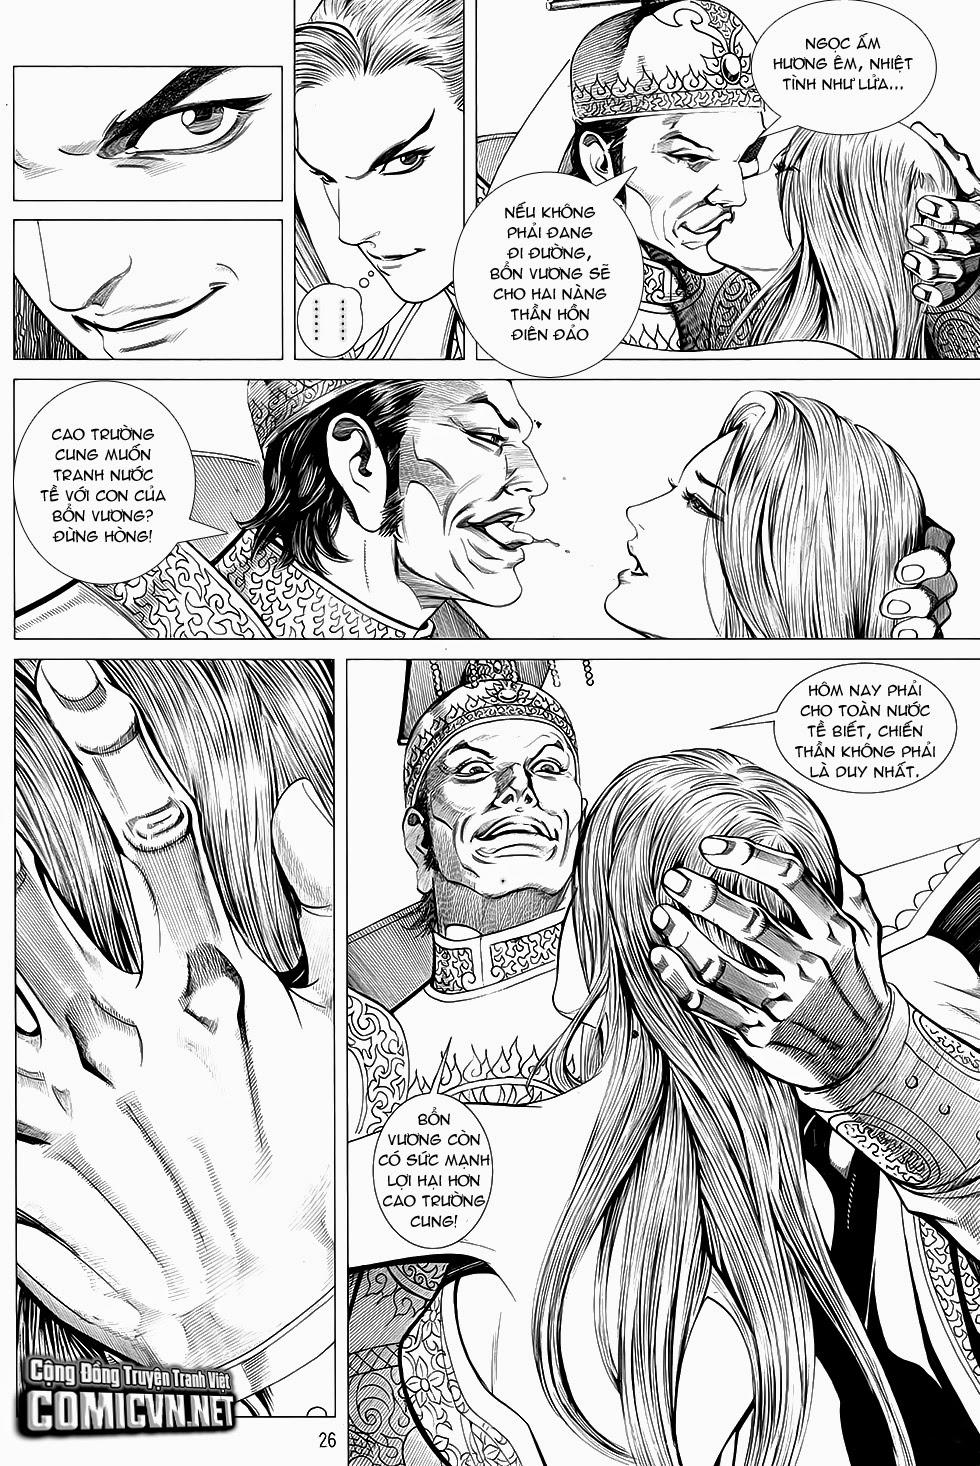 Chiến Phổ chapter 1: chiến thần lan lăng vương trang 27